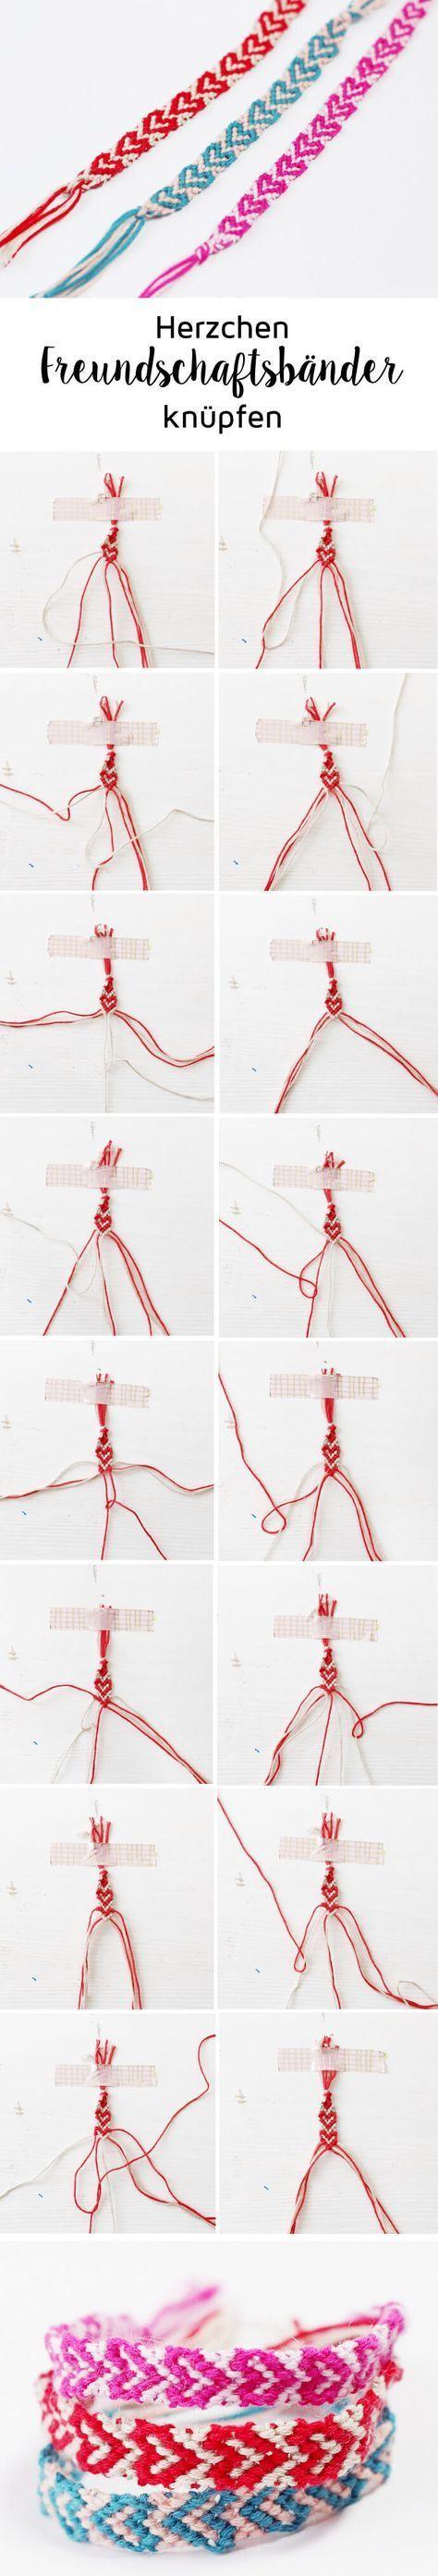 die besten 25 blumen armband ideen auf pinterest samenmuster perlenarmb nder anleitung und. Black Bedroom Furniture Sets. Home Design Ideas